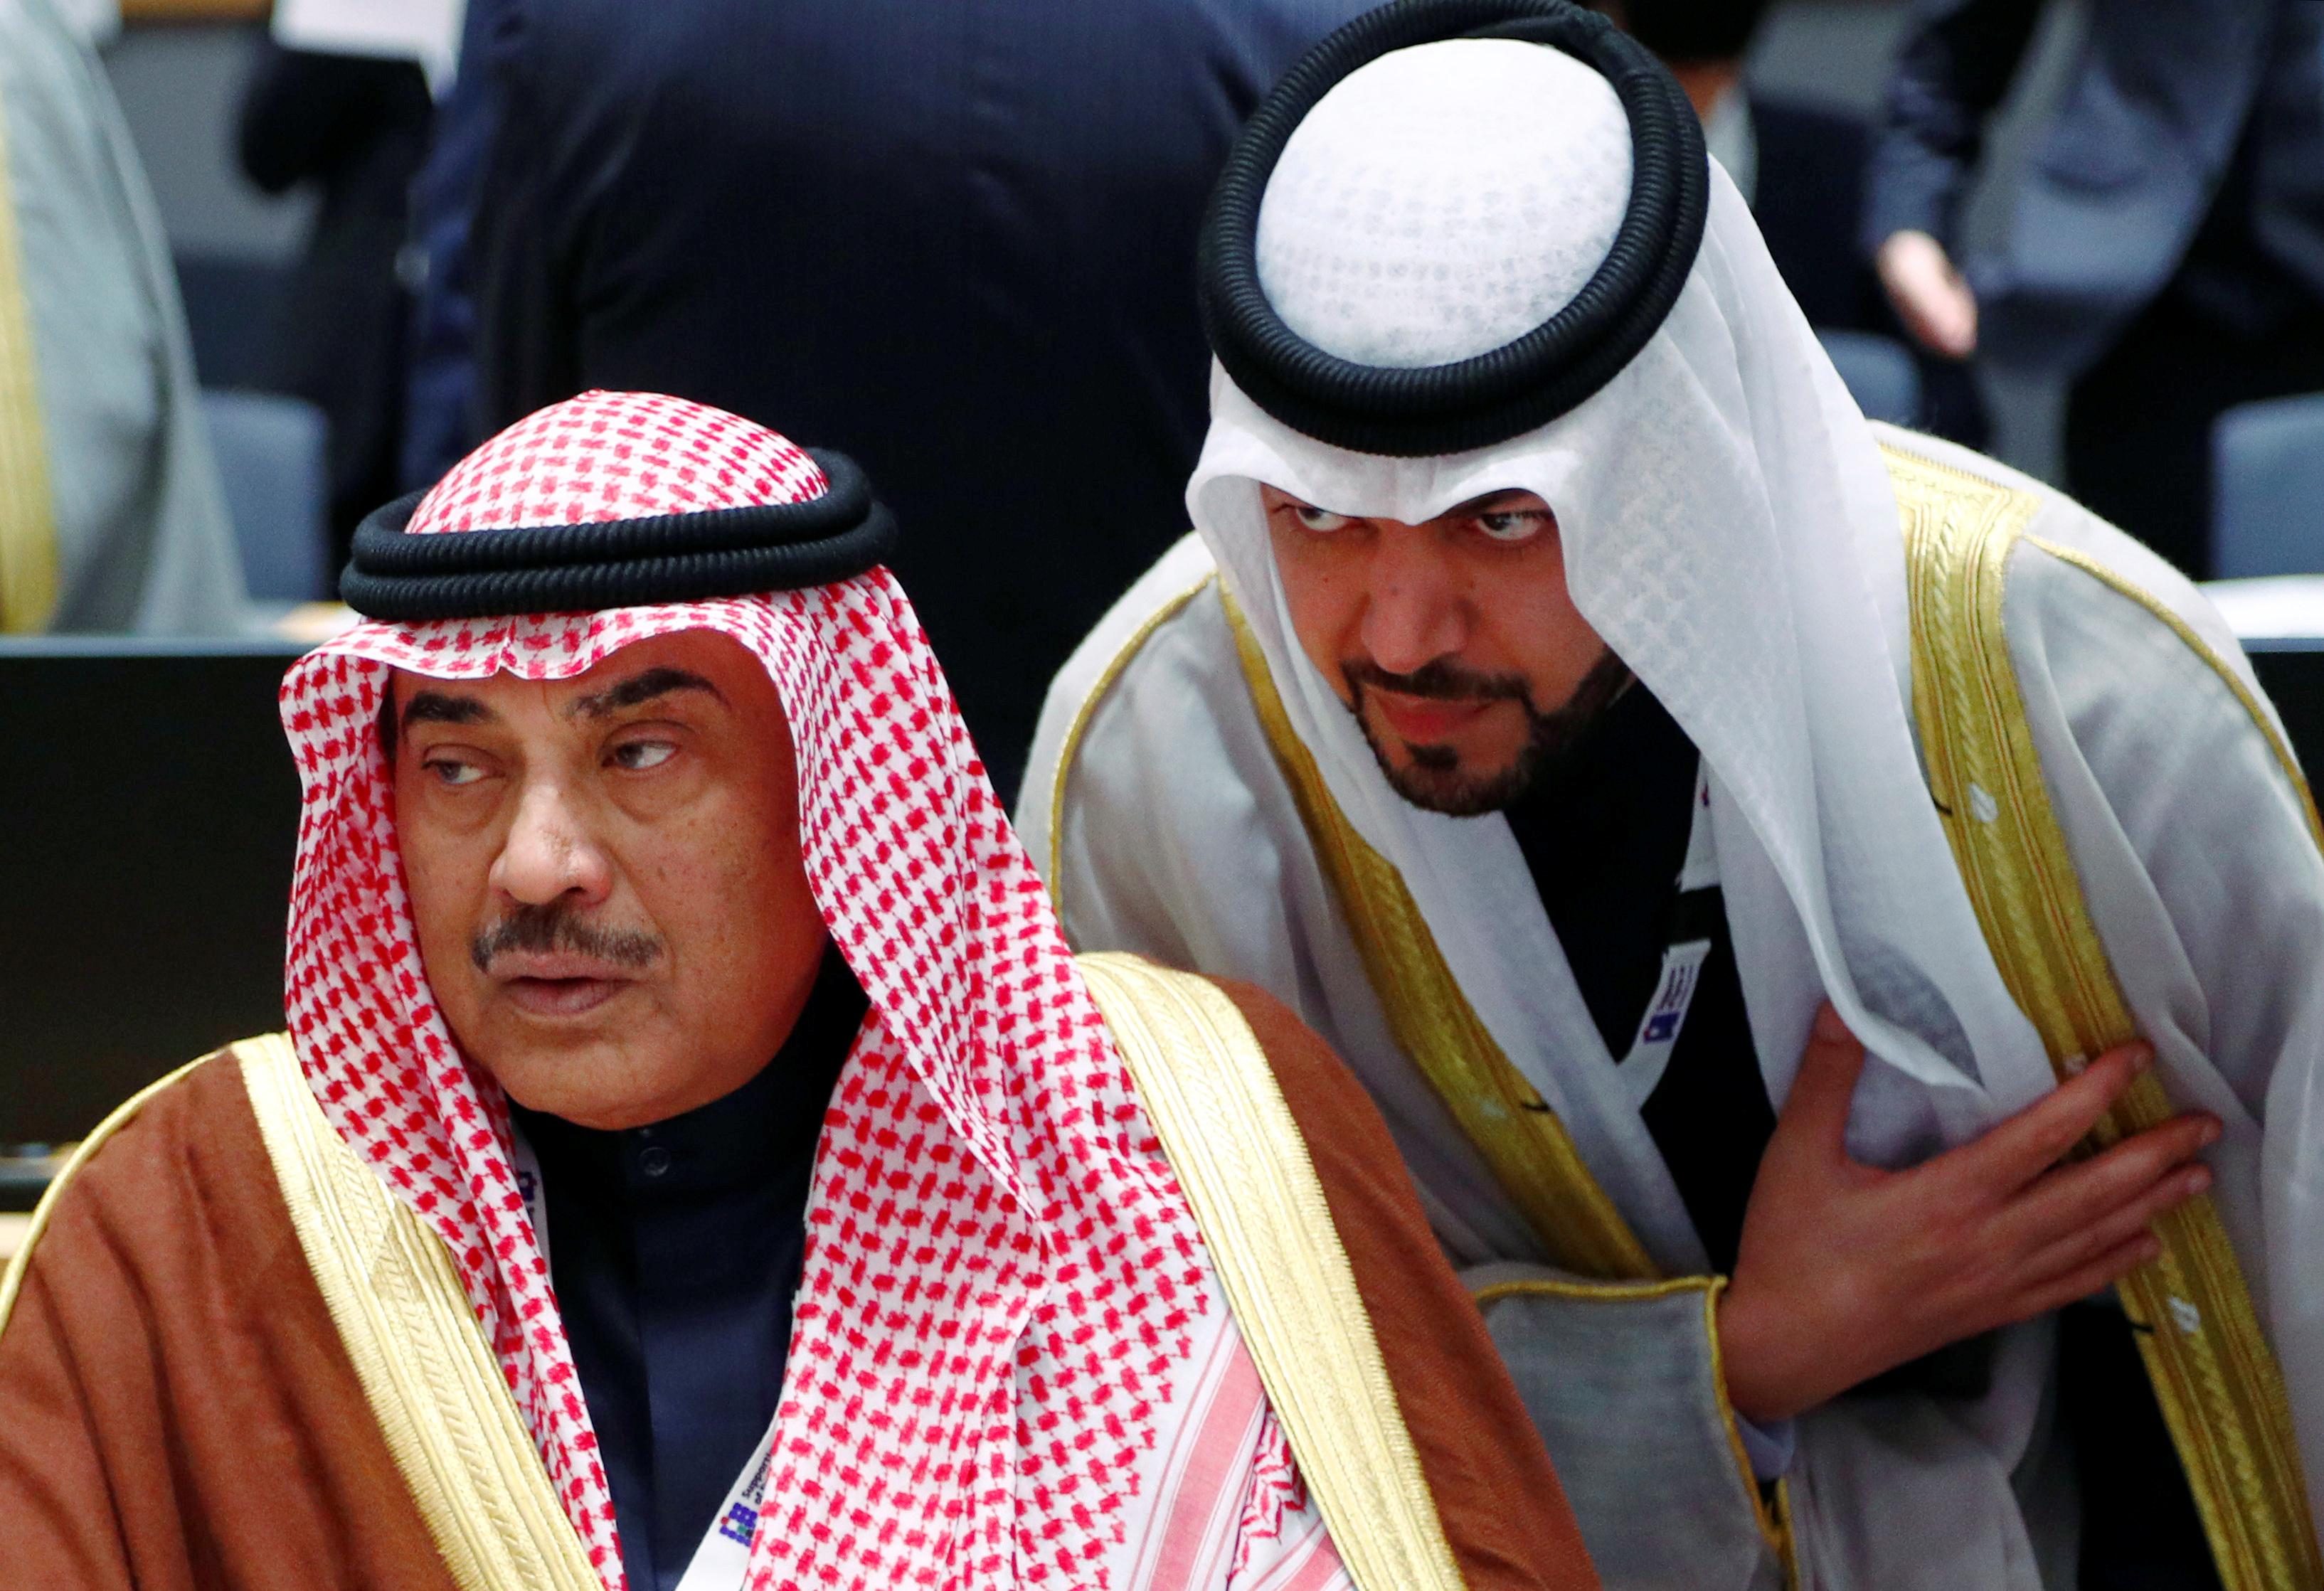 الشيخ صباح فى حوار مع أحد الدبلوماسيين الكويتيين